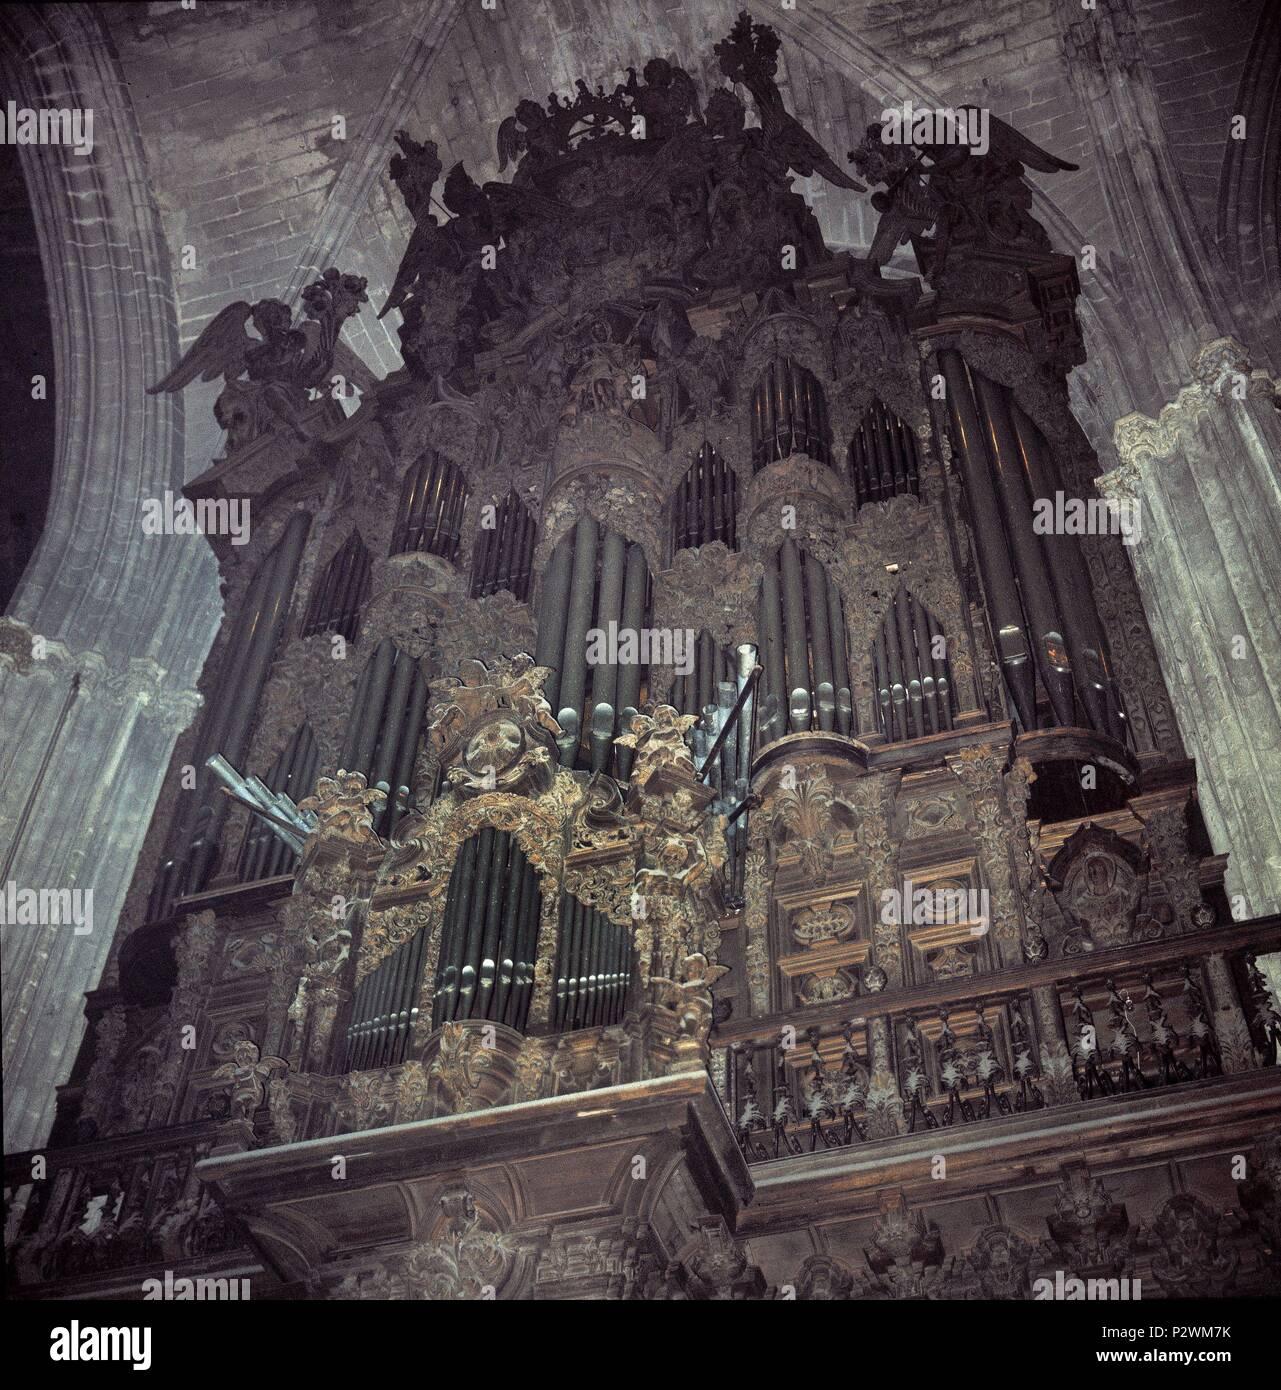 ORGANO. Ubicación: Interior de la Catedral, Sevilla, España. Imagen De Stock